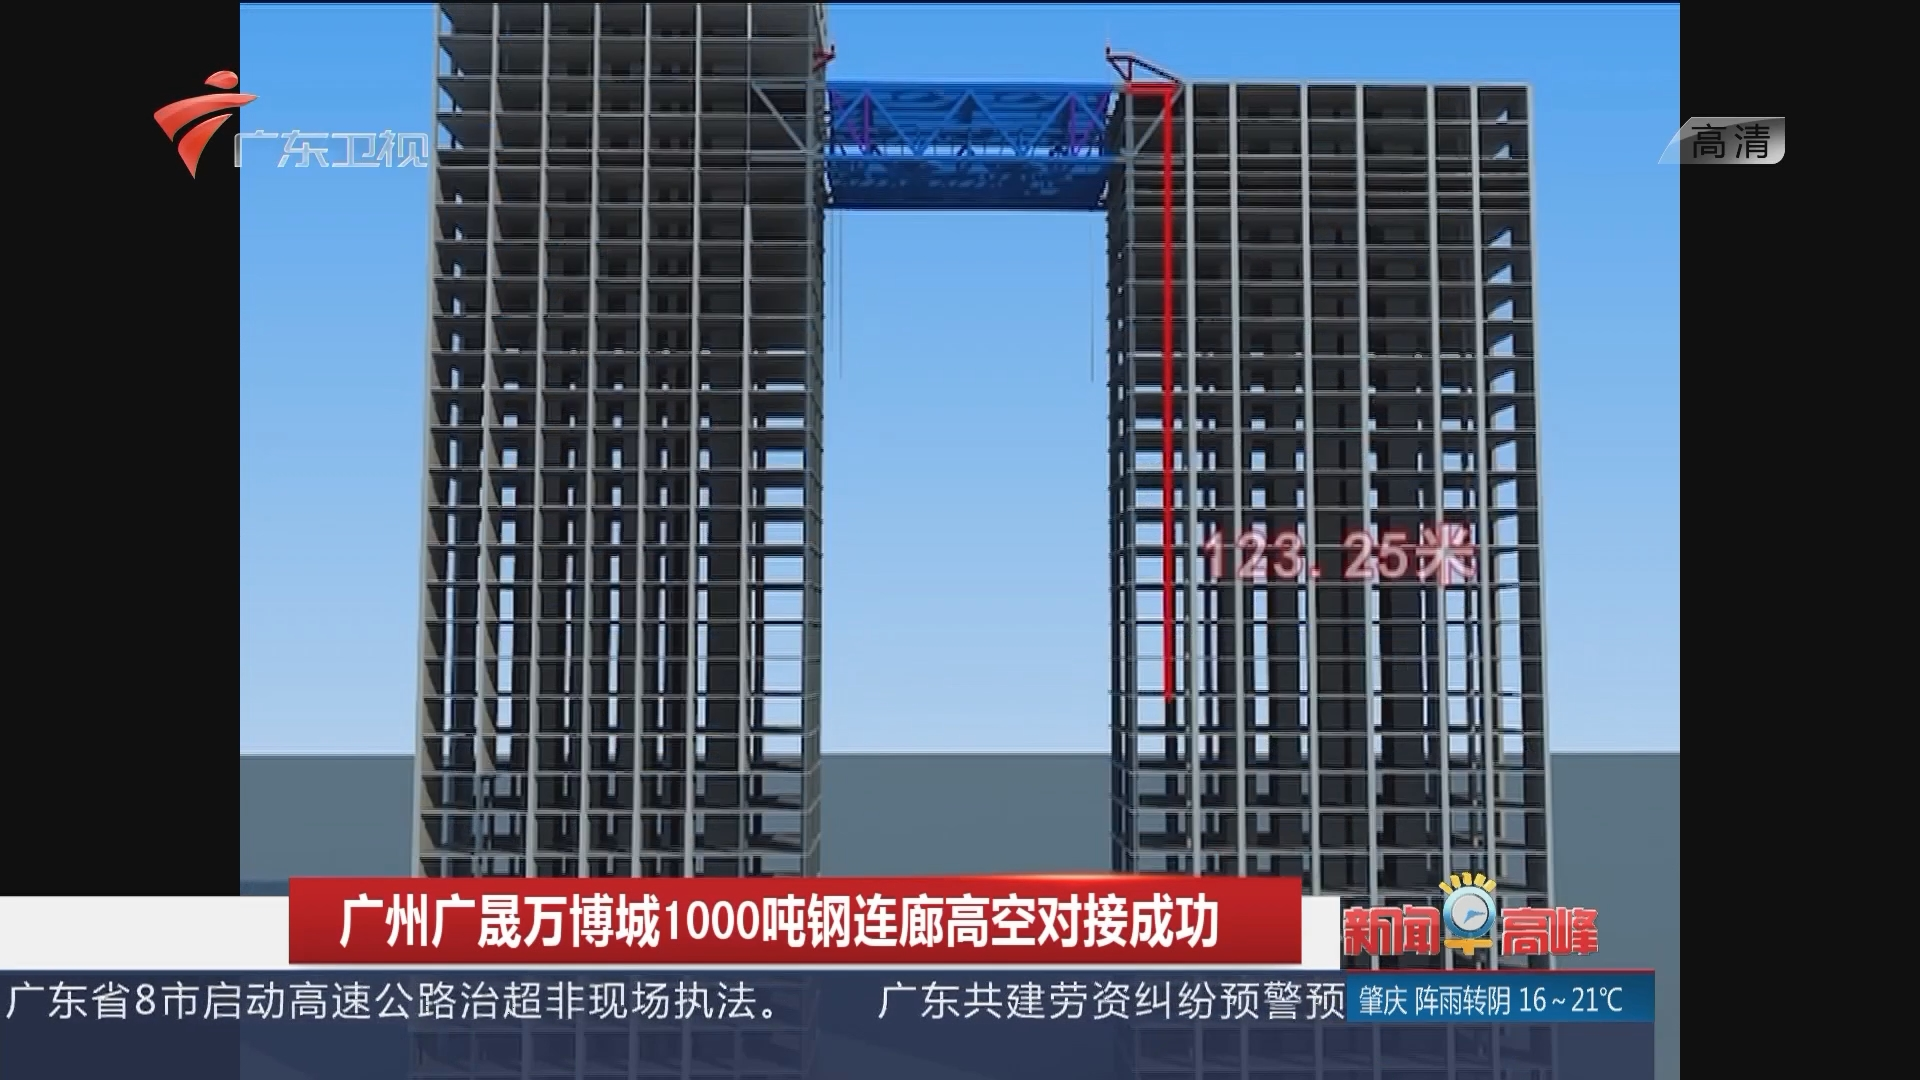 广州广晟万博城1000吨钢连廊高空对接成功